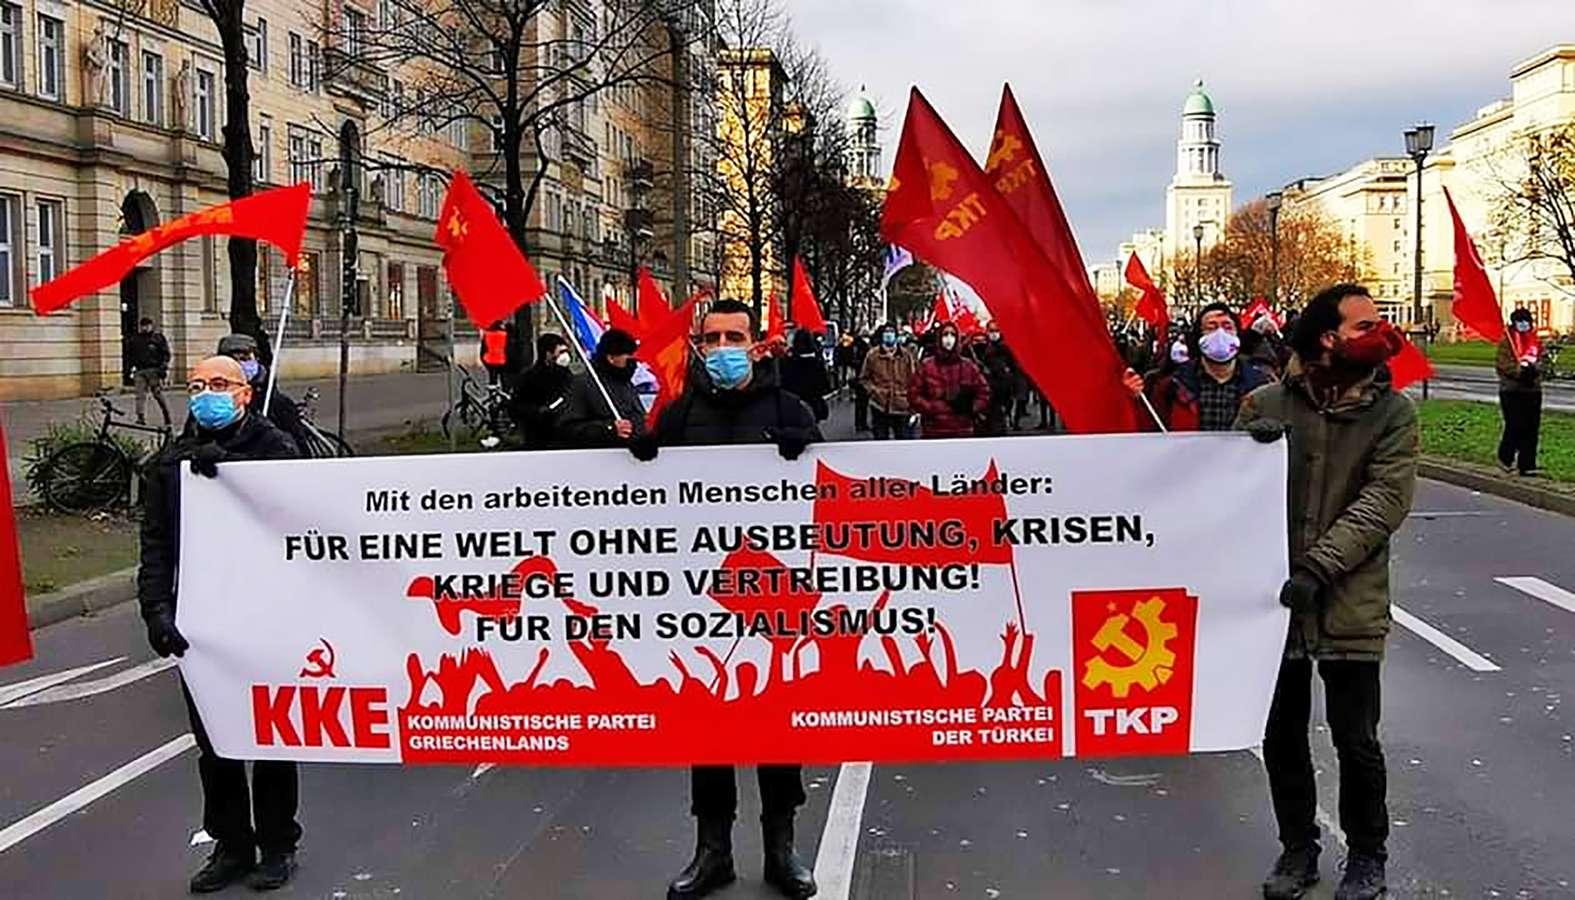 Berlin KKE Fűr eine welt ohne ausbeutung krisen kriege und vertreinbung Fűr den sozialismus